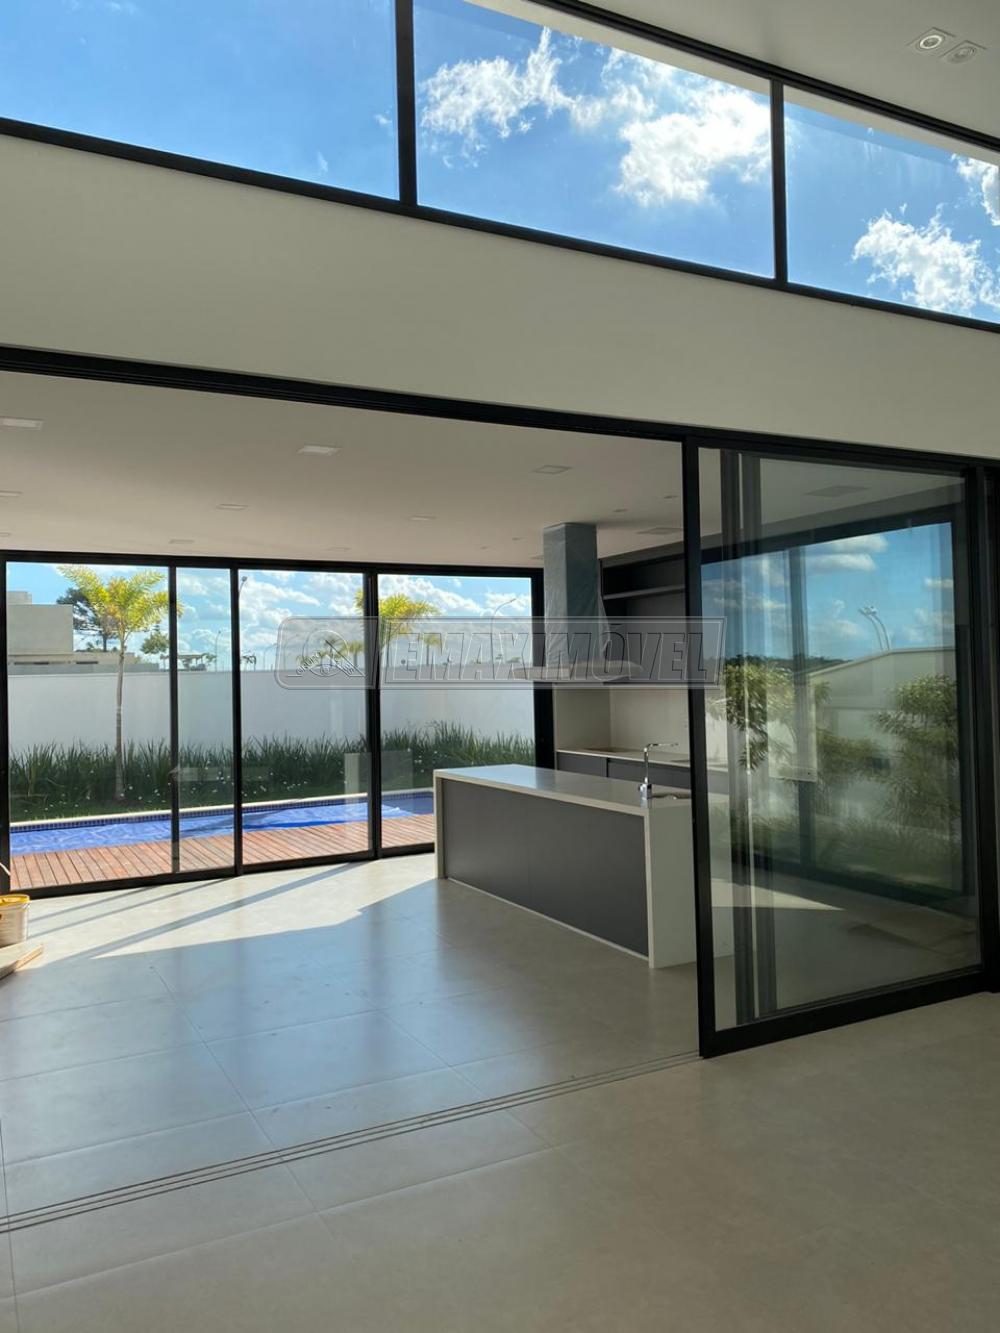 Comprar Casas / em Condomínios em Votorantim apenas R$ 2.100.000,00 - Foto 4